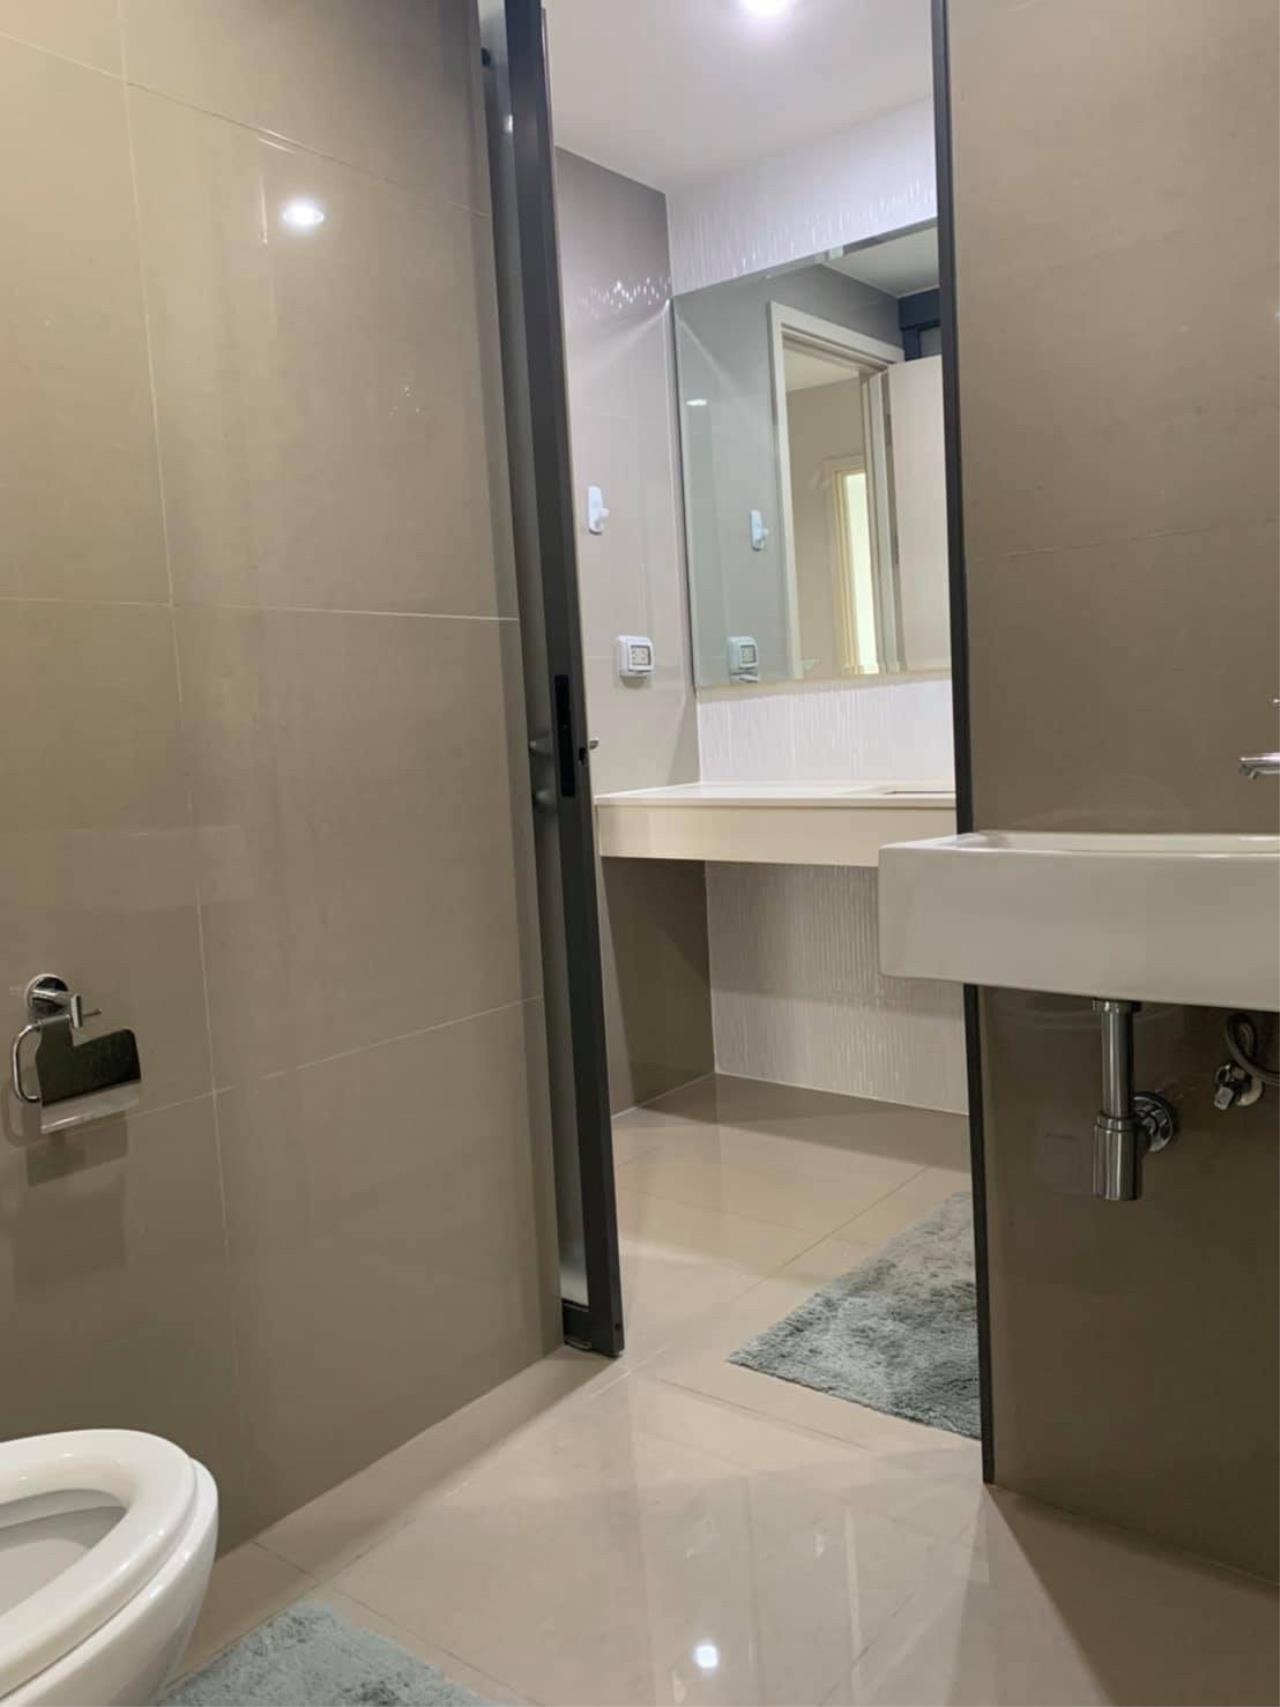 Agent - Phapayawarin Agency's For Rent***Rhythm Sukhumvit 42, 48 sq.m,1 bedroom 1 bathroom, BTS Ekamai 7